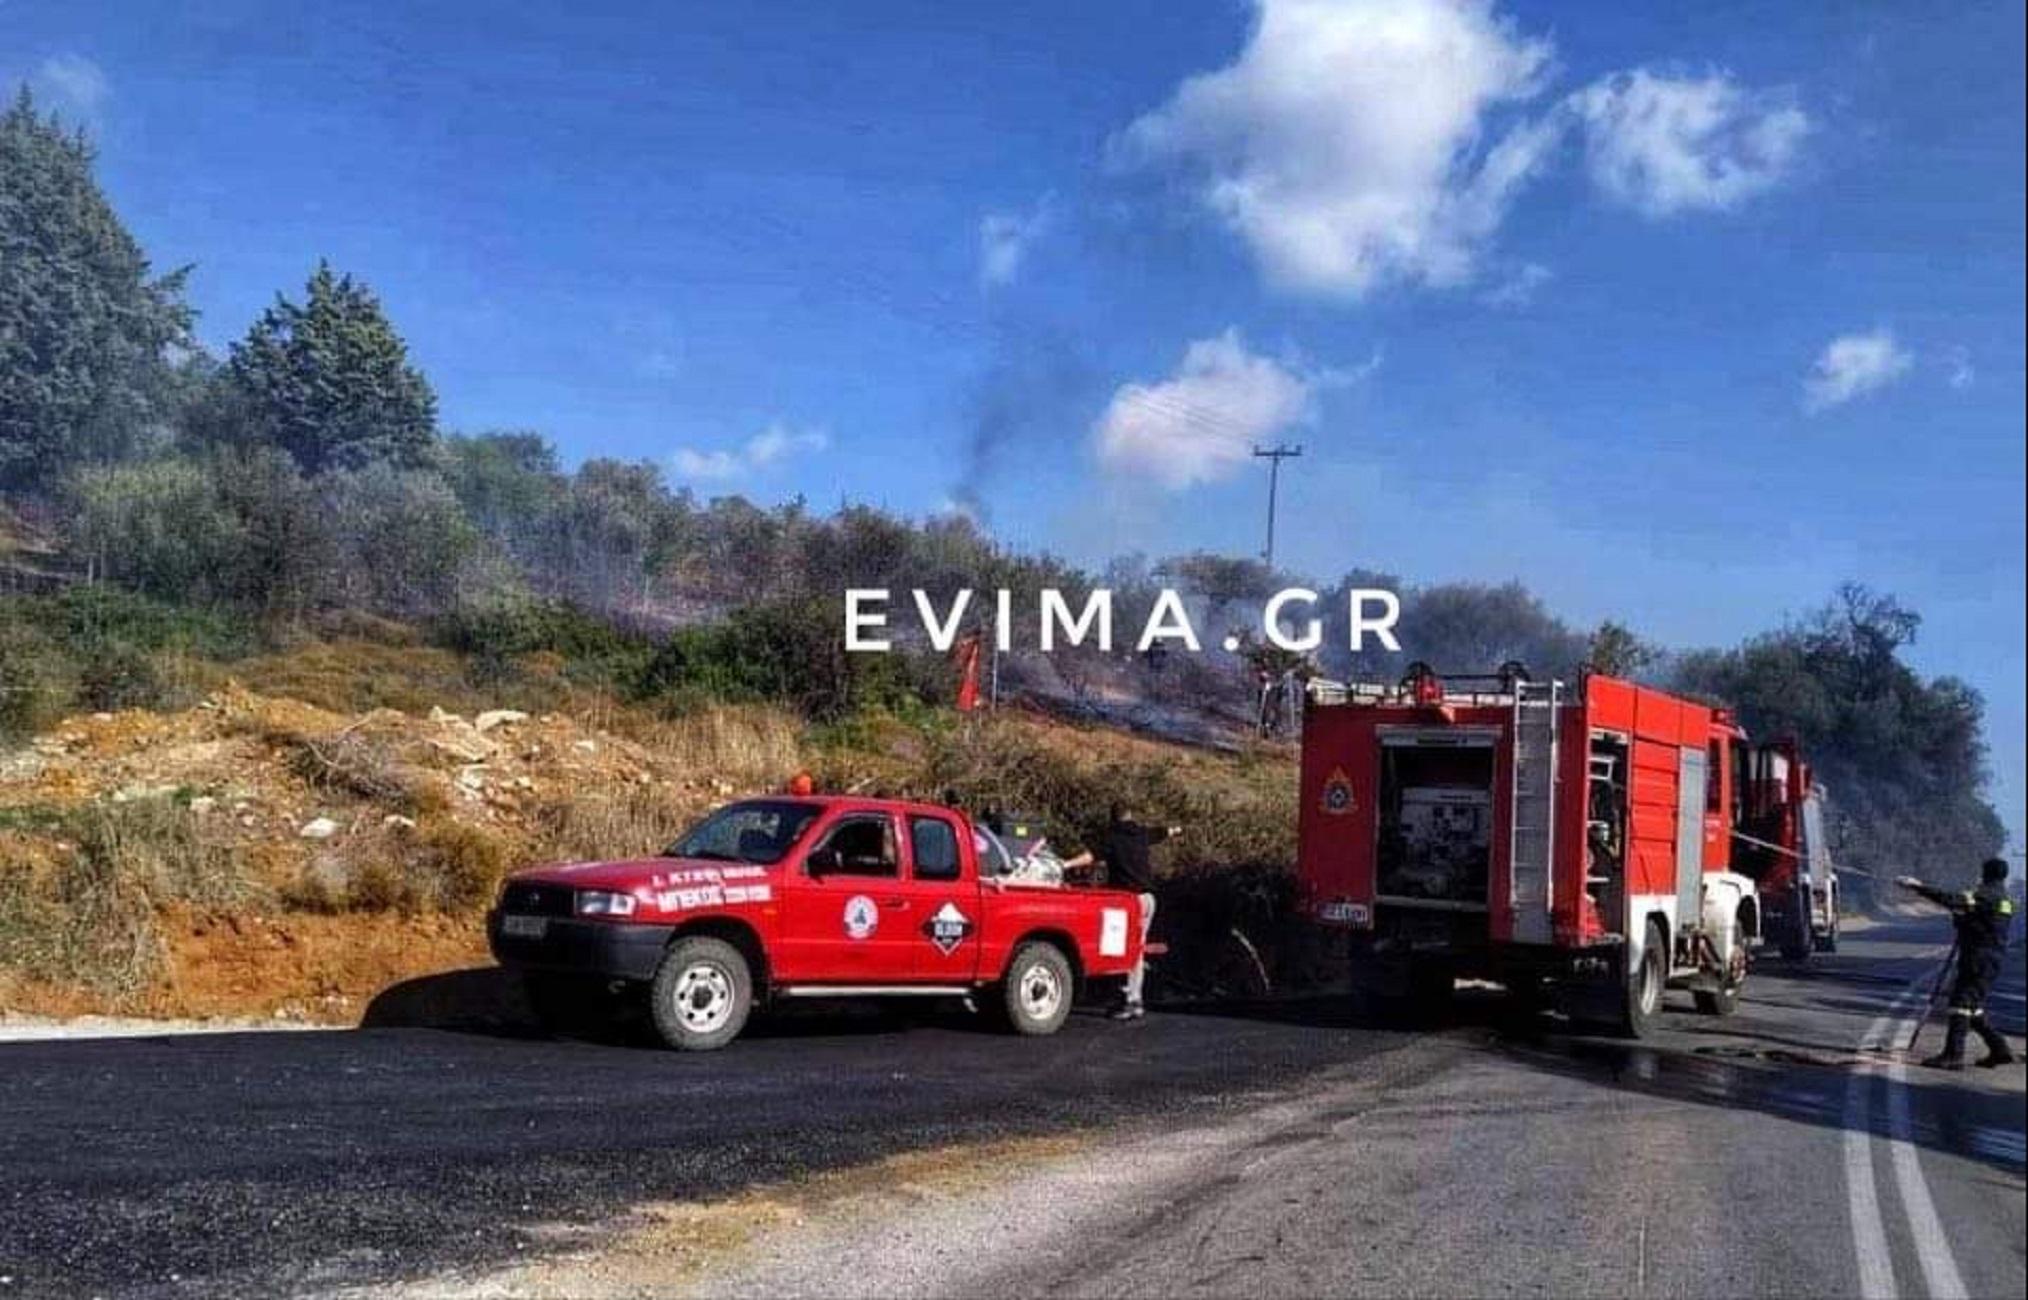 Εύβοια: Φωτιά κοντά σε κατοικημένη περιοχή! Μάχη με το χρόνο από πυροσβέστες και εθελοντές (Φωτό)